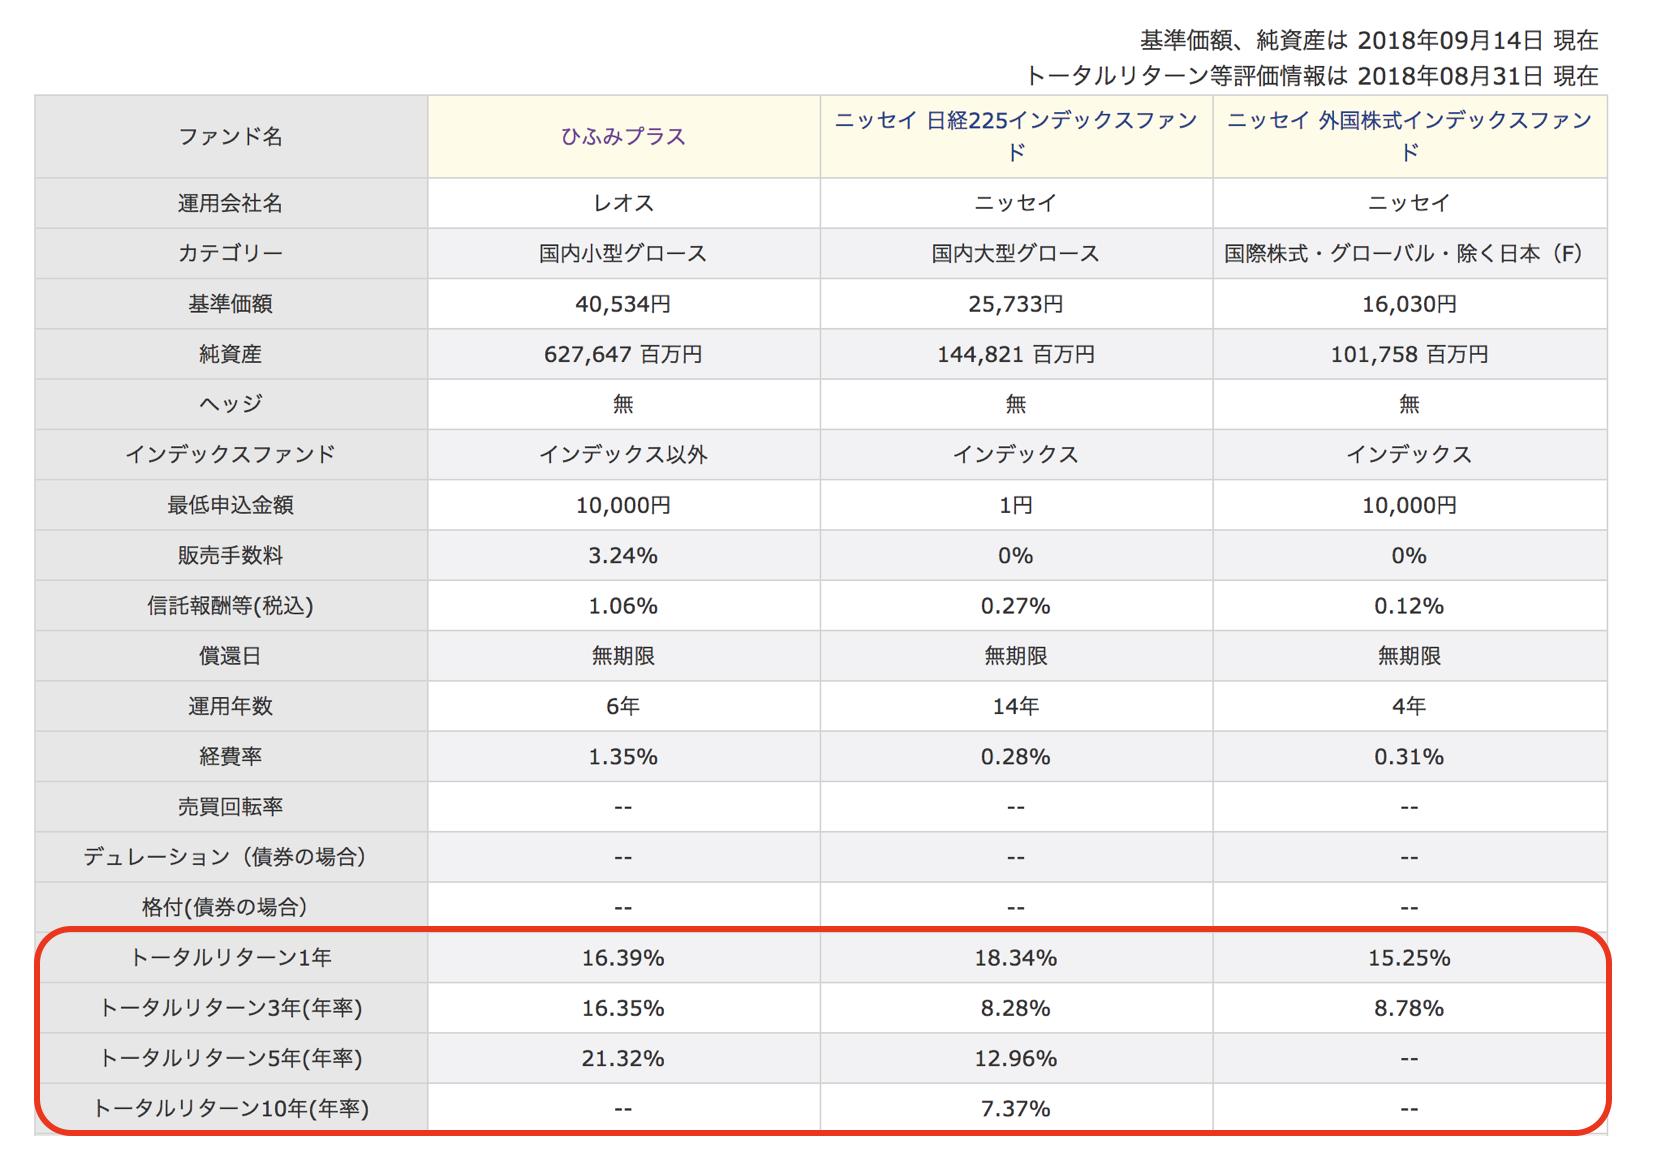 ファンド比較・国内投資信託